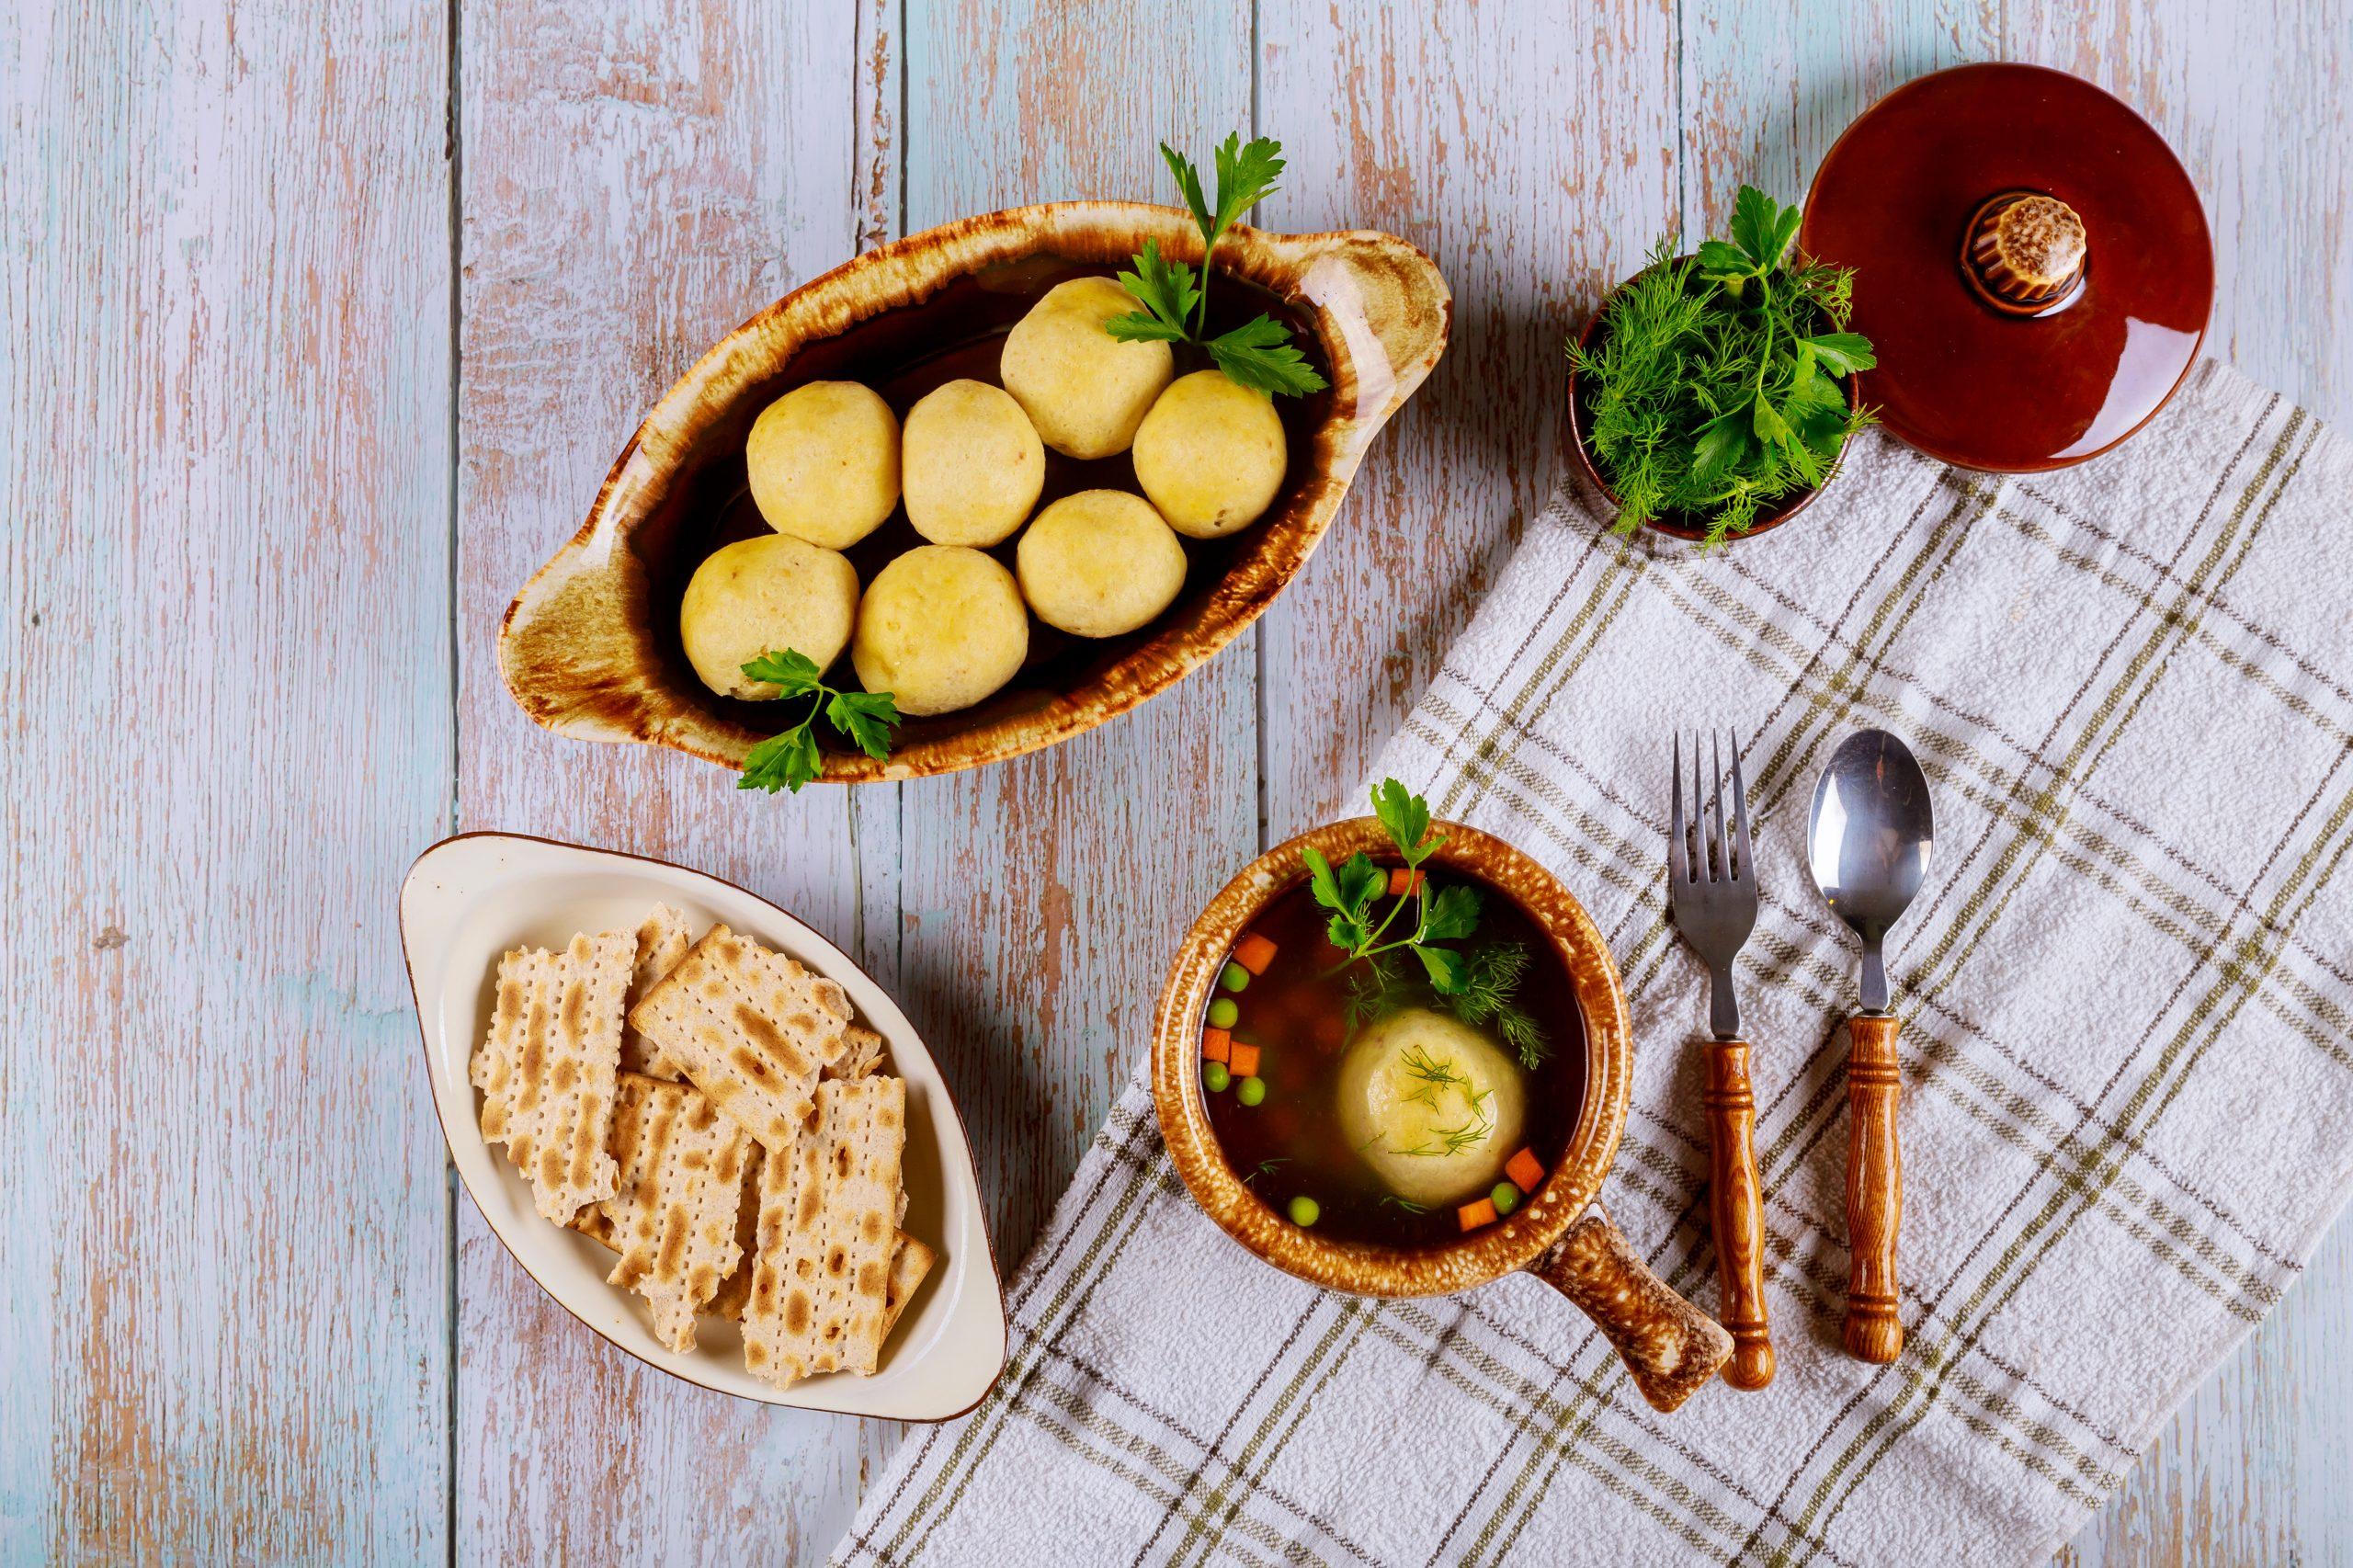 Potrawy kuchni żydowskiej